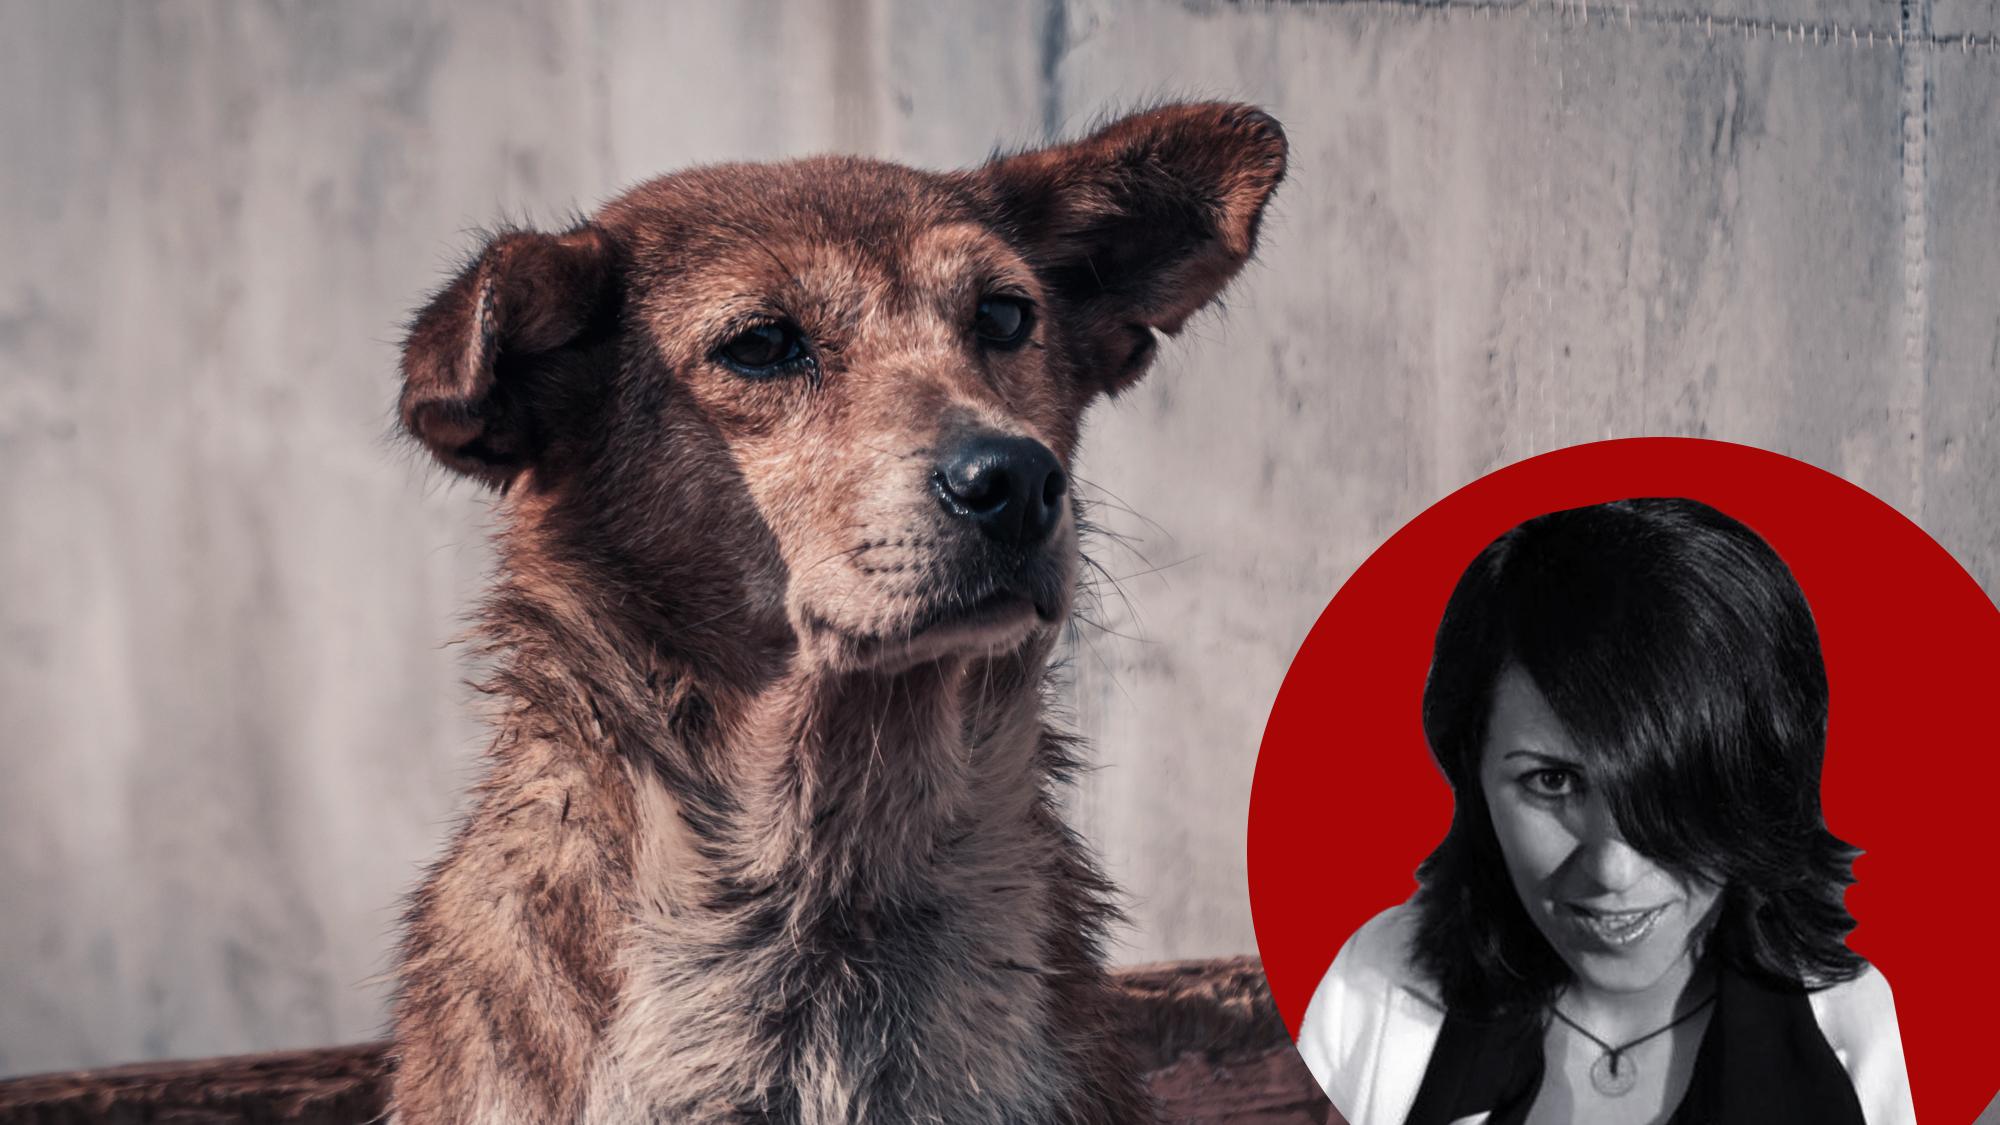 Догхантеры и их методы: вчера — собаки, сегодня — люди